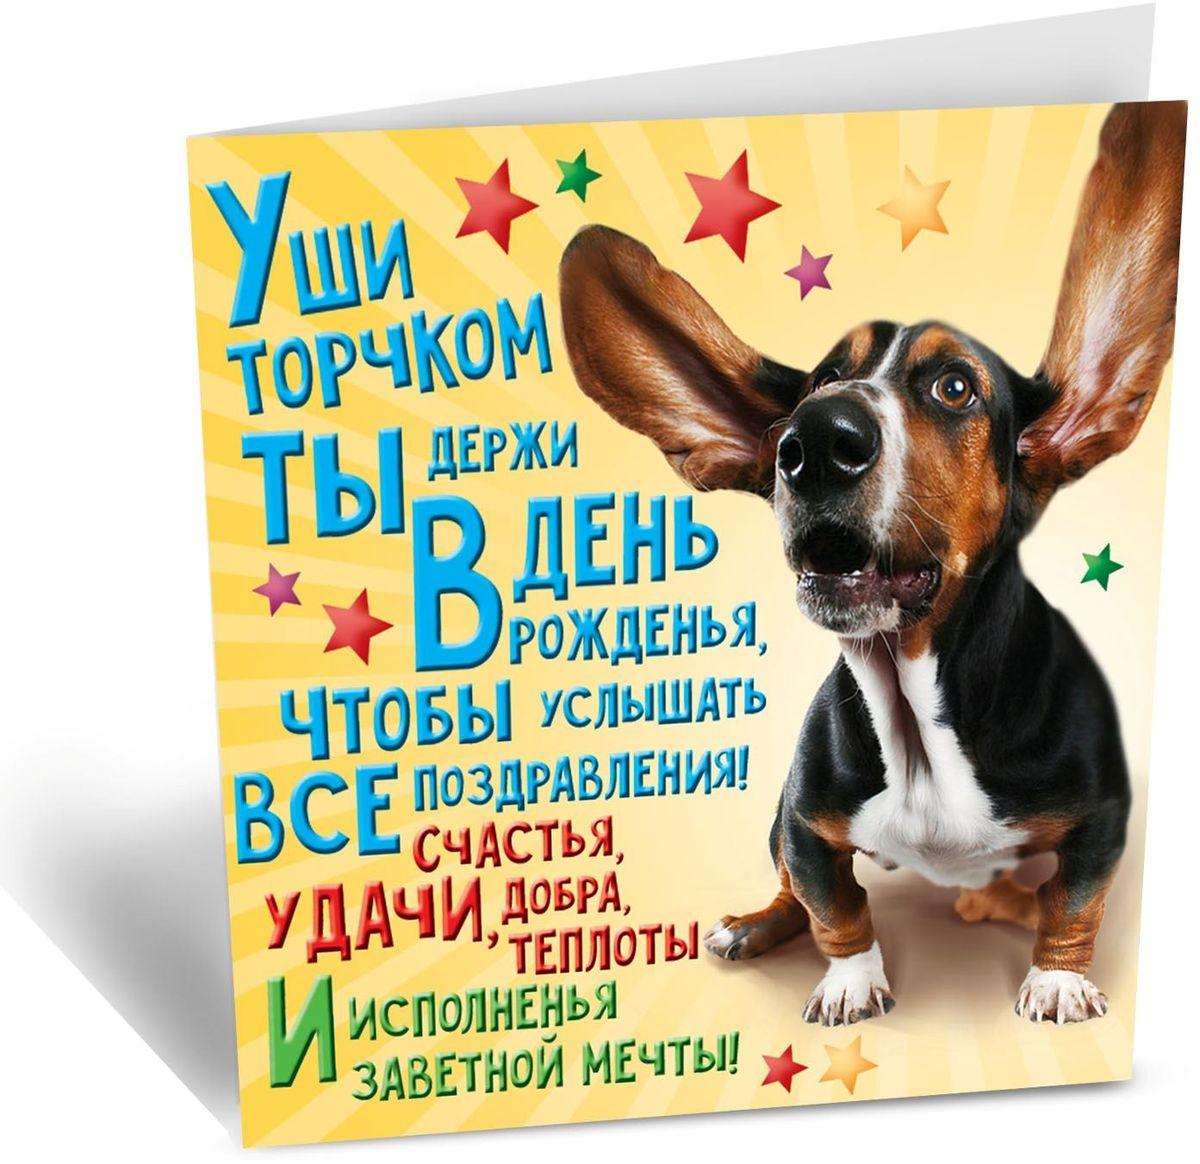 слуховое поздравление с днем рождения выполняется